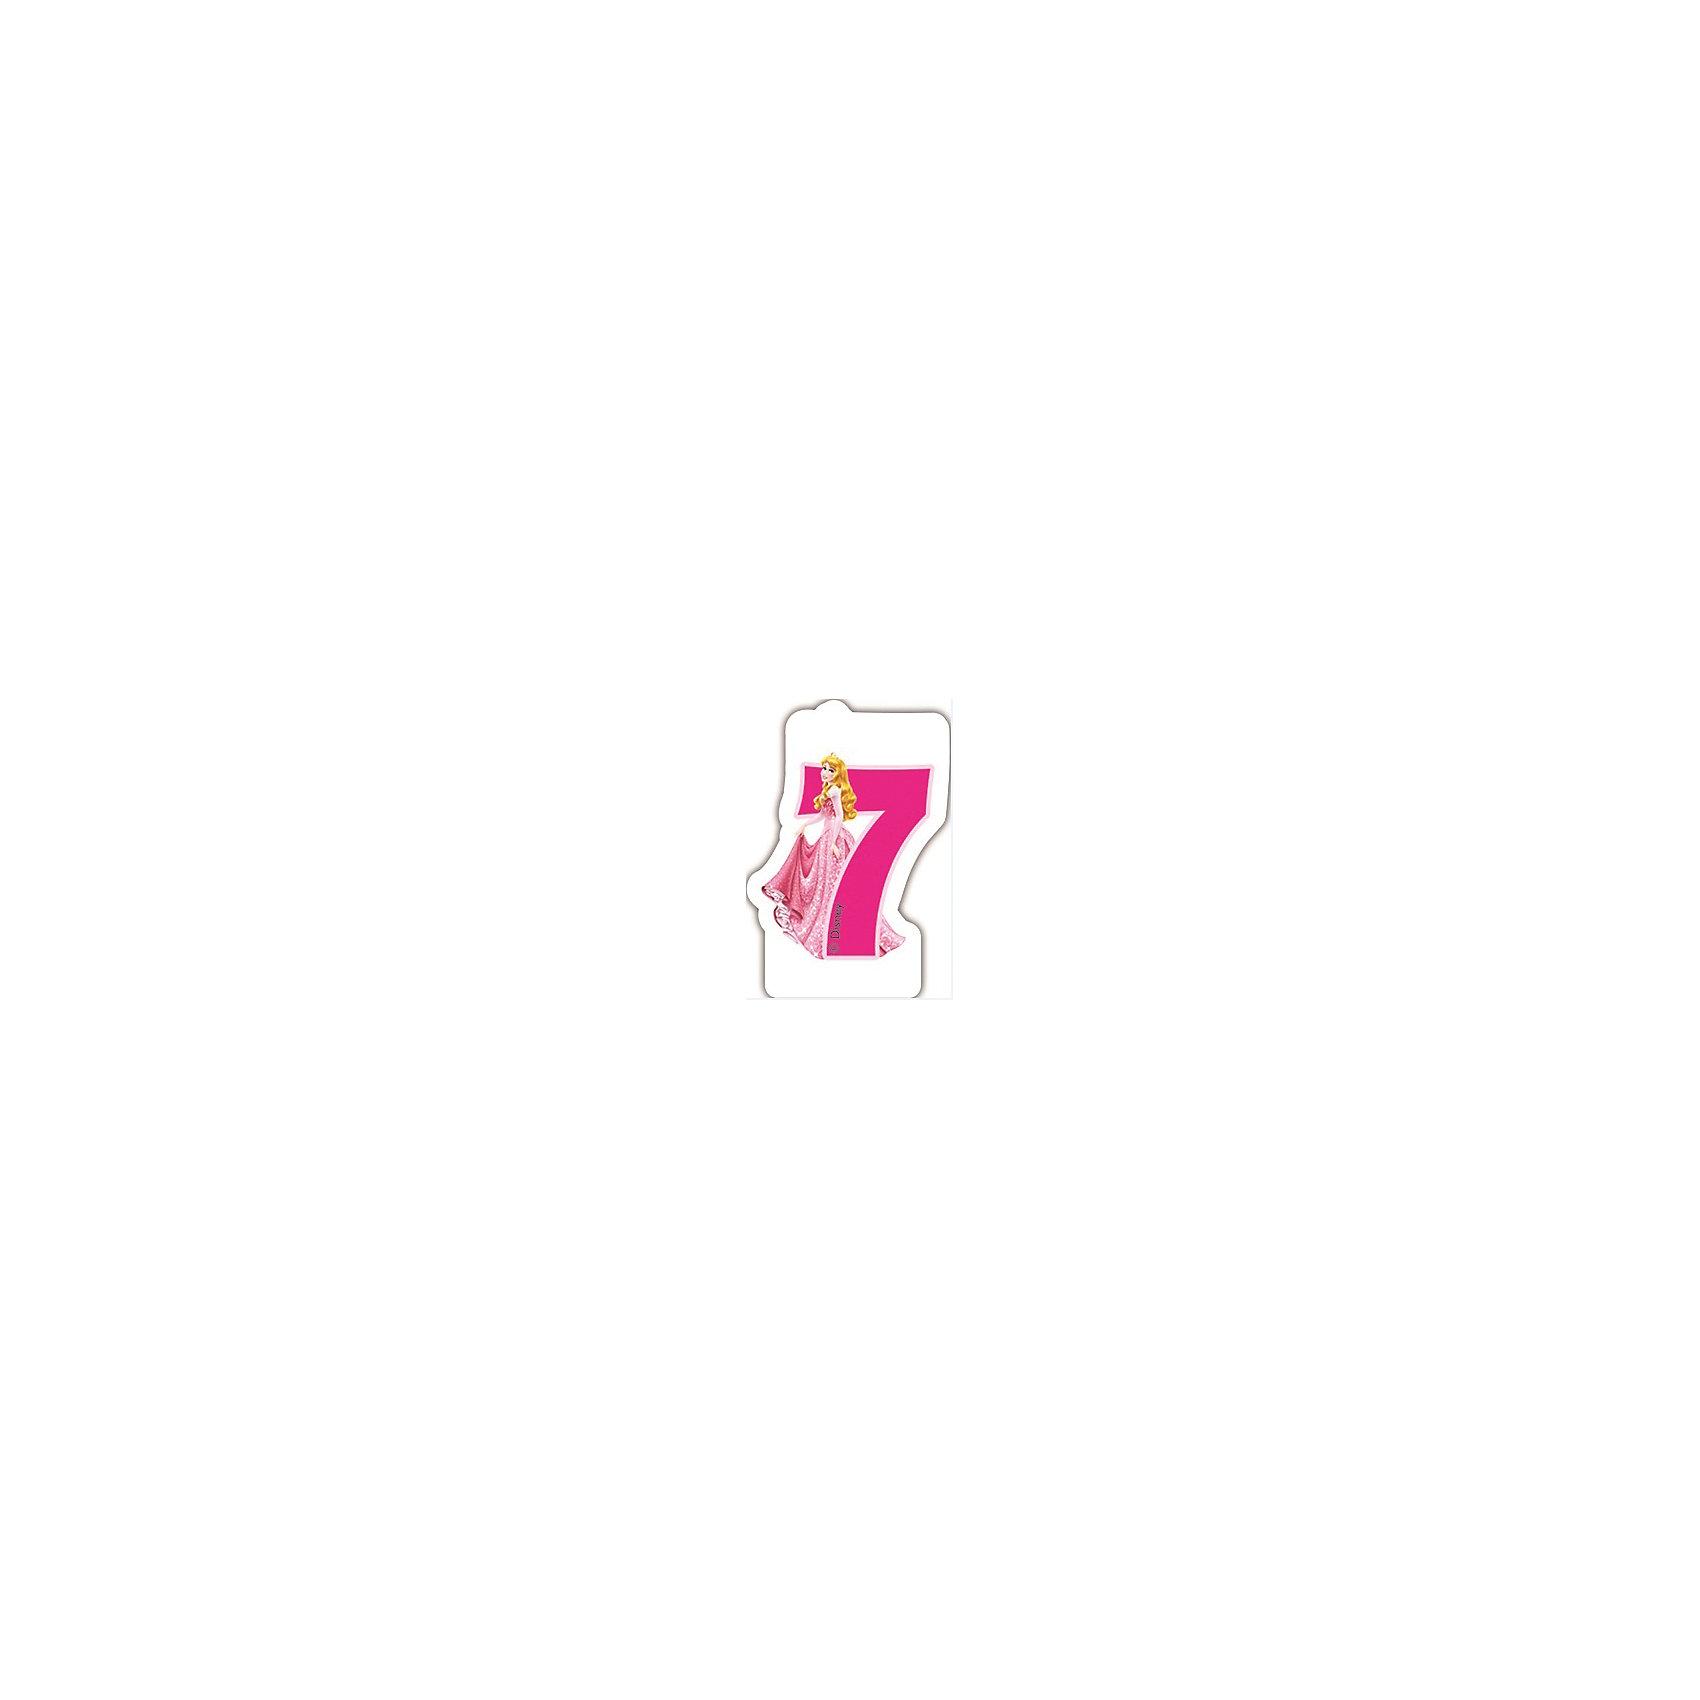 Procos Объемная свечка Принцессы 7 летОбъемная свечка в форме цифры, с изображением любимого героя - используется в оформлениях кондитерских изделий!<br><br>Ширина мм: 85<br>Глубина мм: 35<br>Высота мм: 130<br>Вес г: 33<br>Возраст от месяцев: 36<br>Возраст до месяцев: 168<br>Пол: Женский<br>Возраст: Детский<br>SKU: 2431271